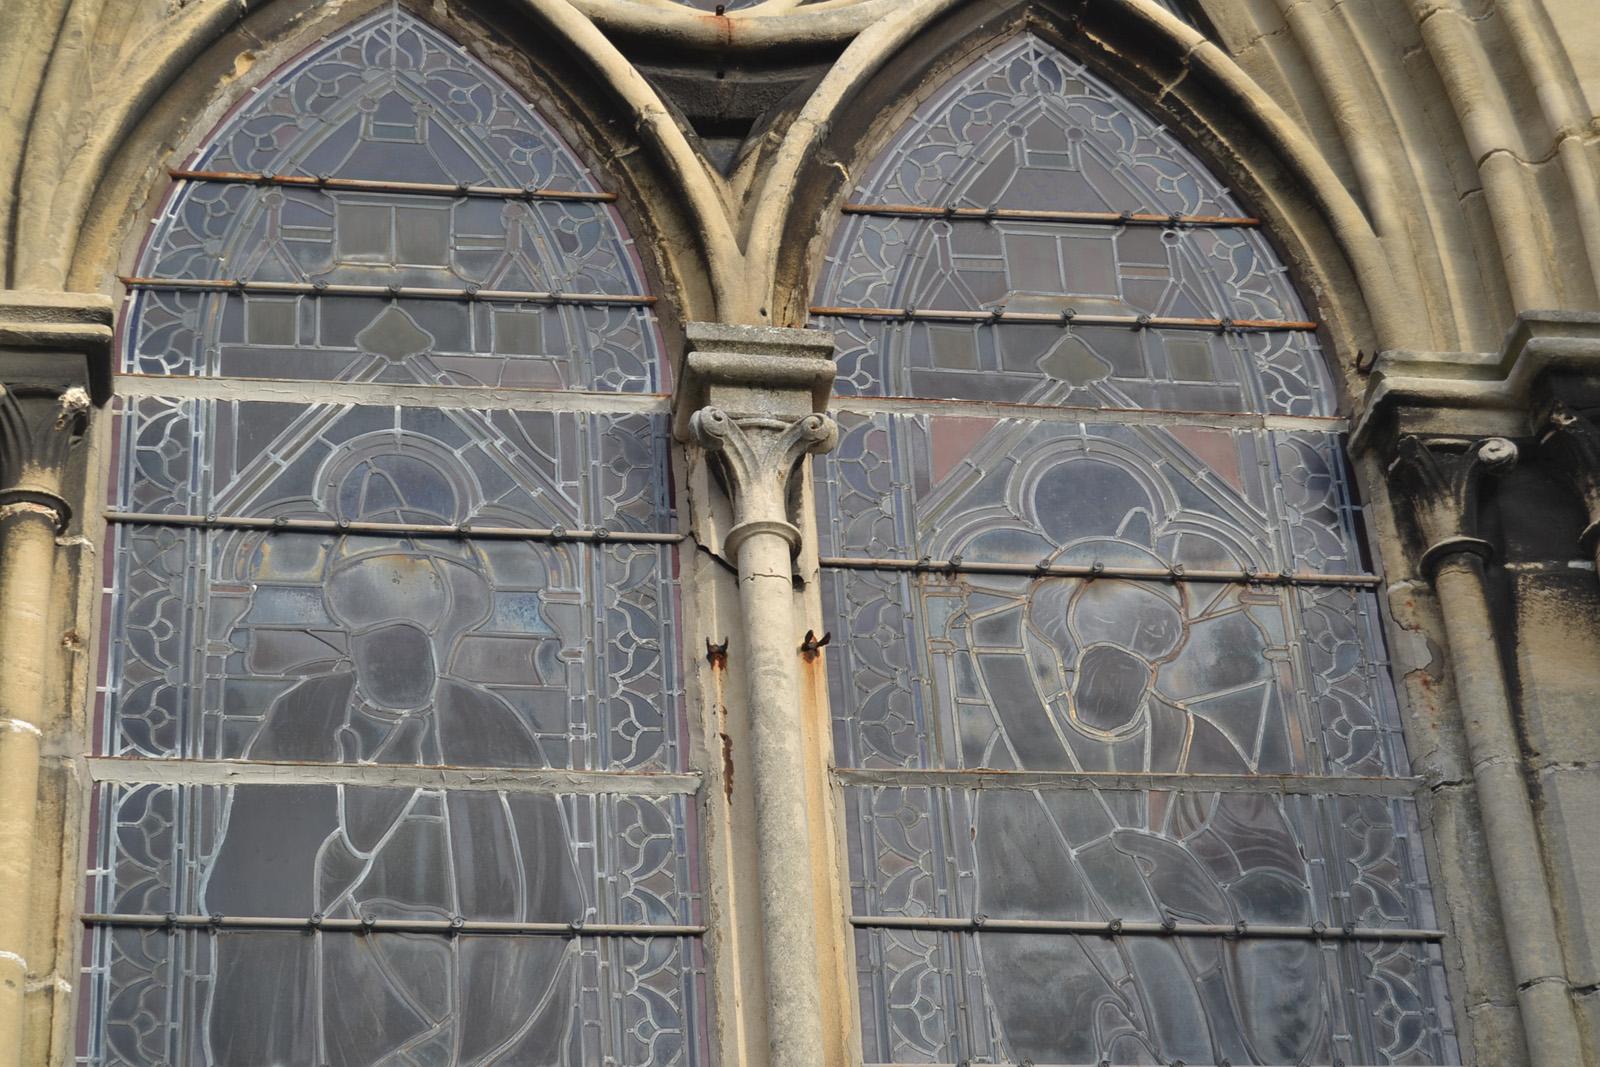 Meneau de lancette sur vitrail façade sud fendu en partie haute